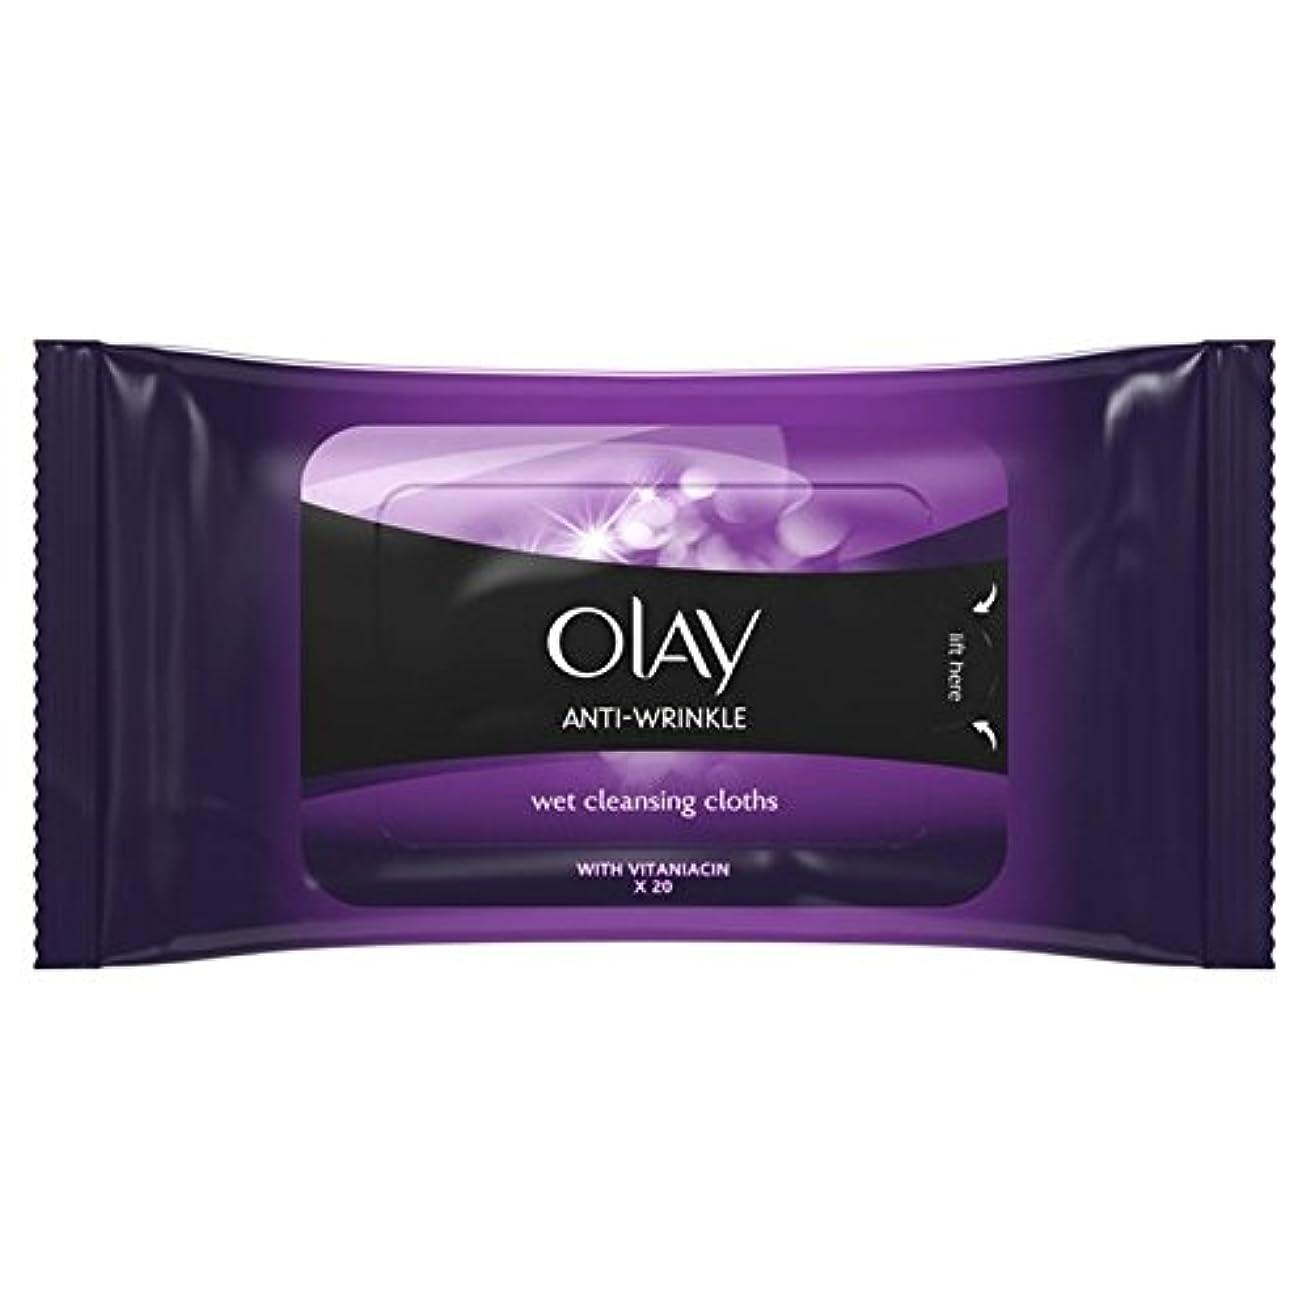 シーンバイソン混沌パックごとに20ワイプ抗シワ事務所をオーレイ&湿ったクレンジングを持ち上げます x2 - Olay Anti Wrinkle Firm & Lift Wet Cleansing Wipes 20 per pack (Pack...